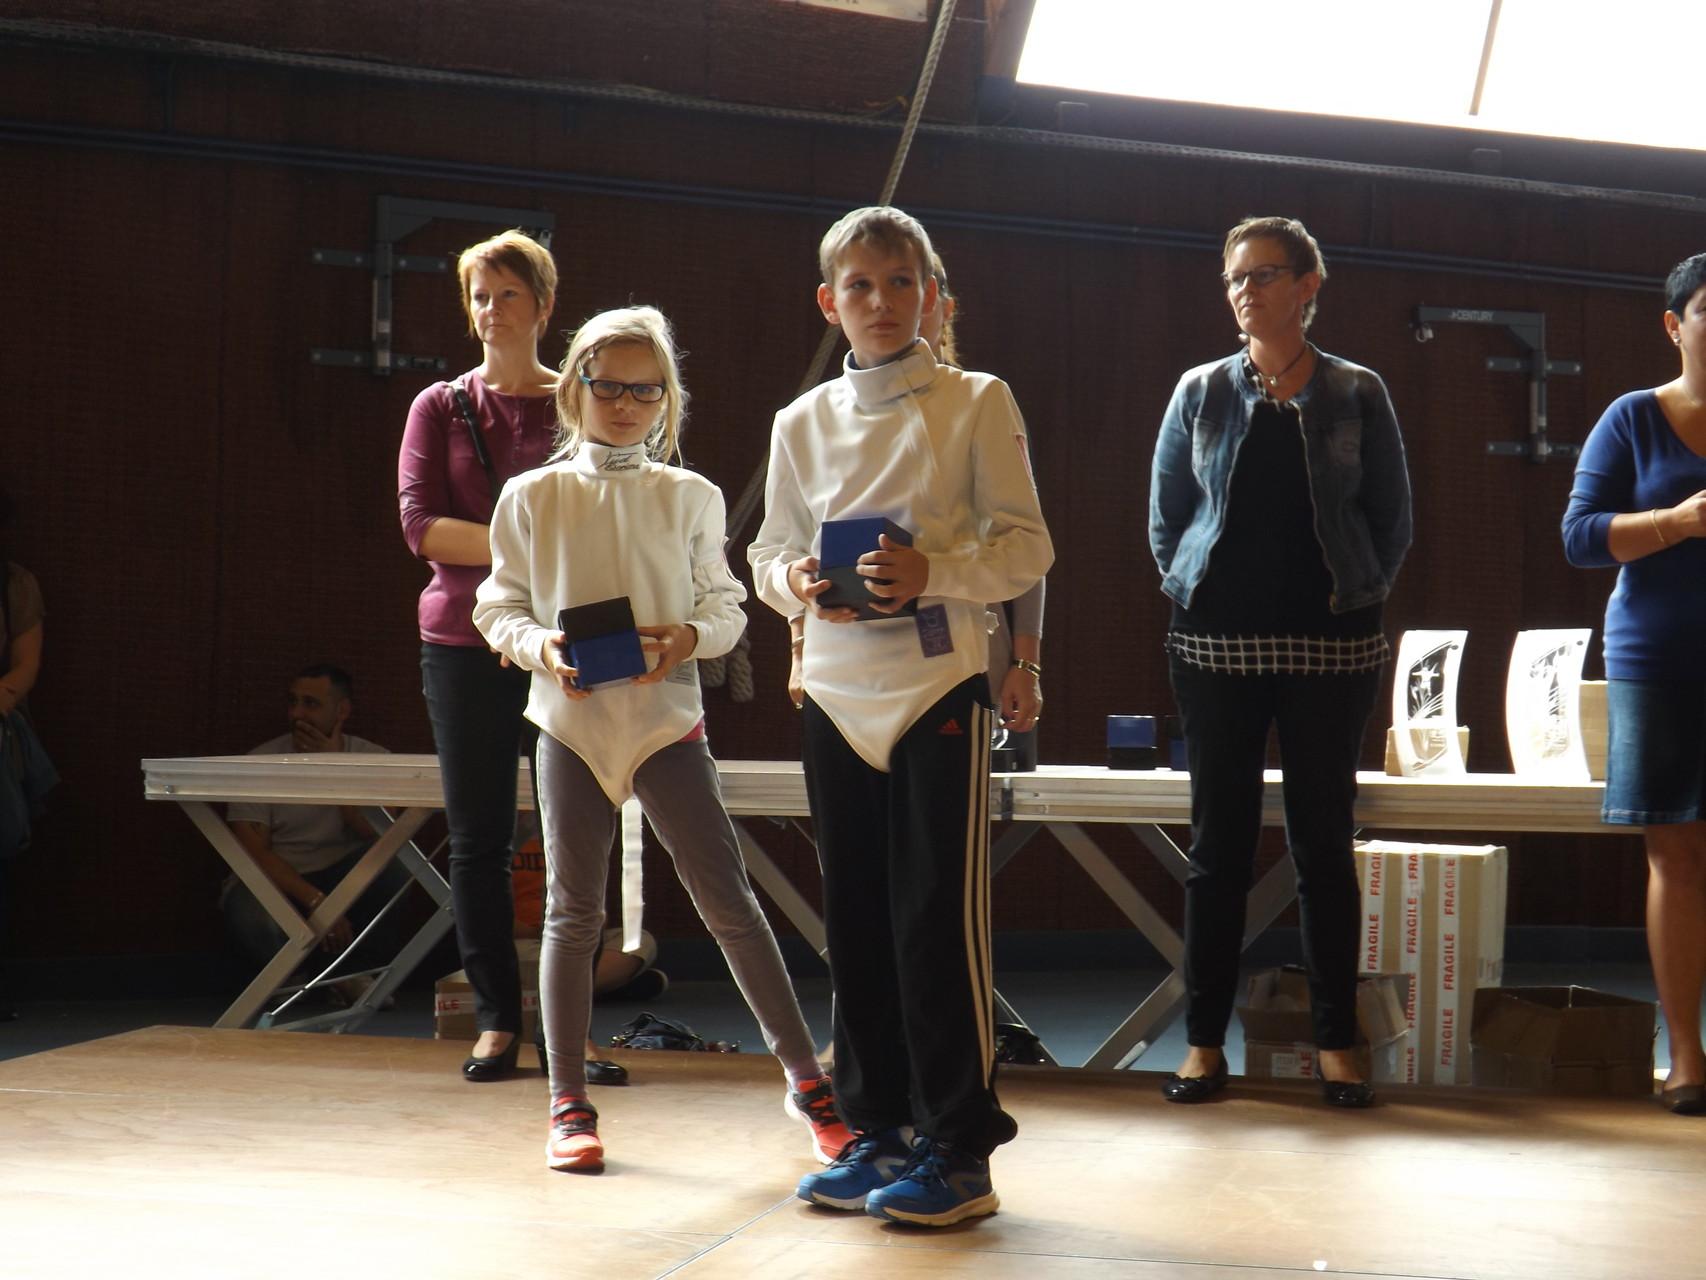 Guillaume et Camille avec leur récompenses aux Trophées des Sports de Boulay 2015